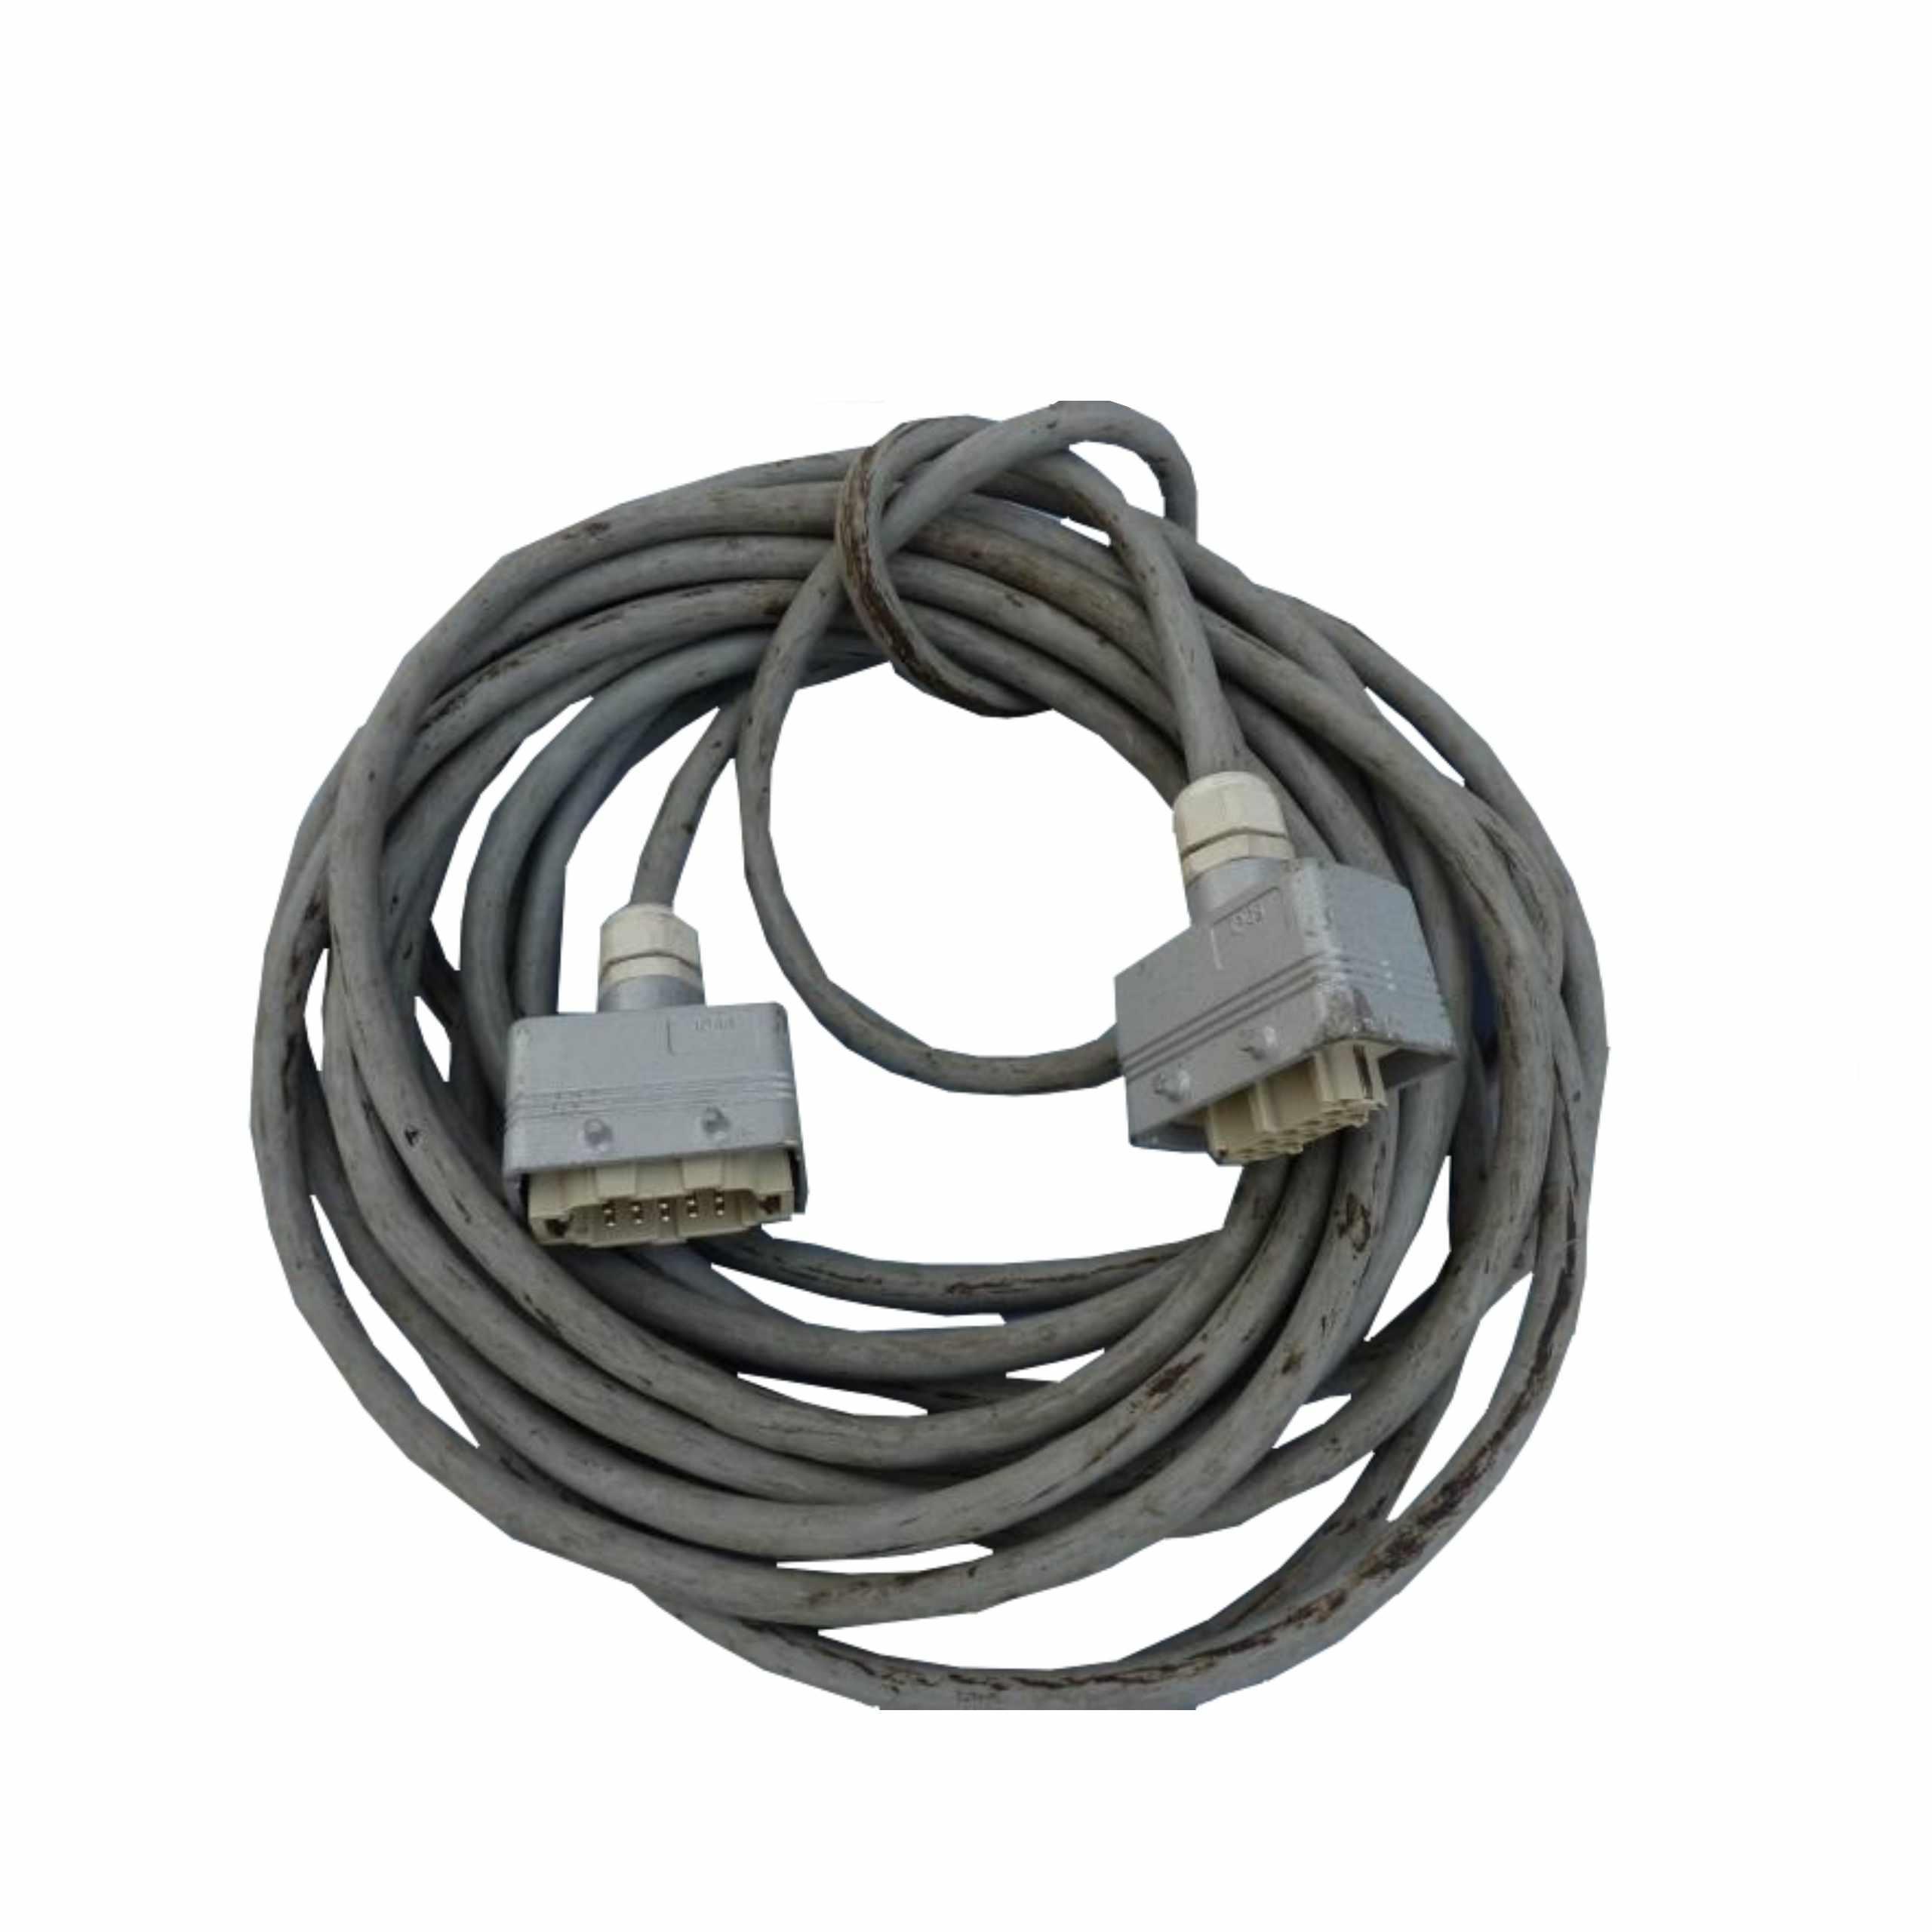 Kábel Ysty 12x1.0 Harting 10m - H 10 F 11,8 m